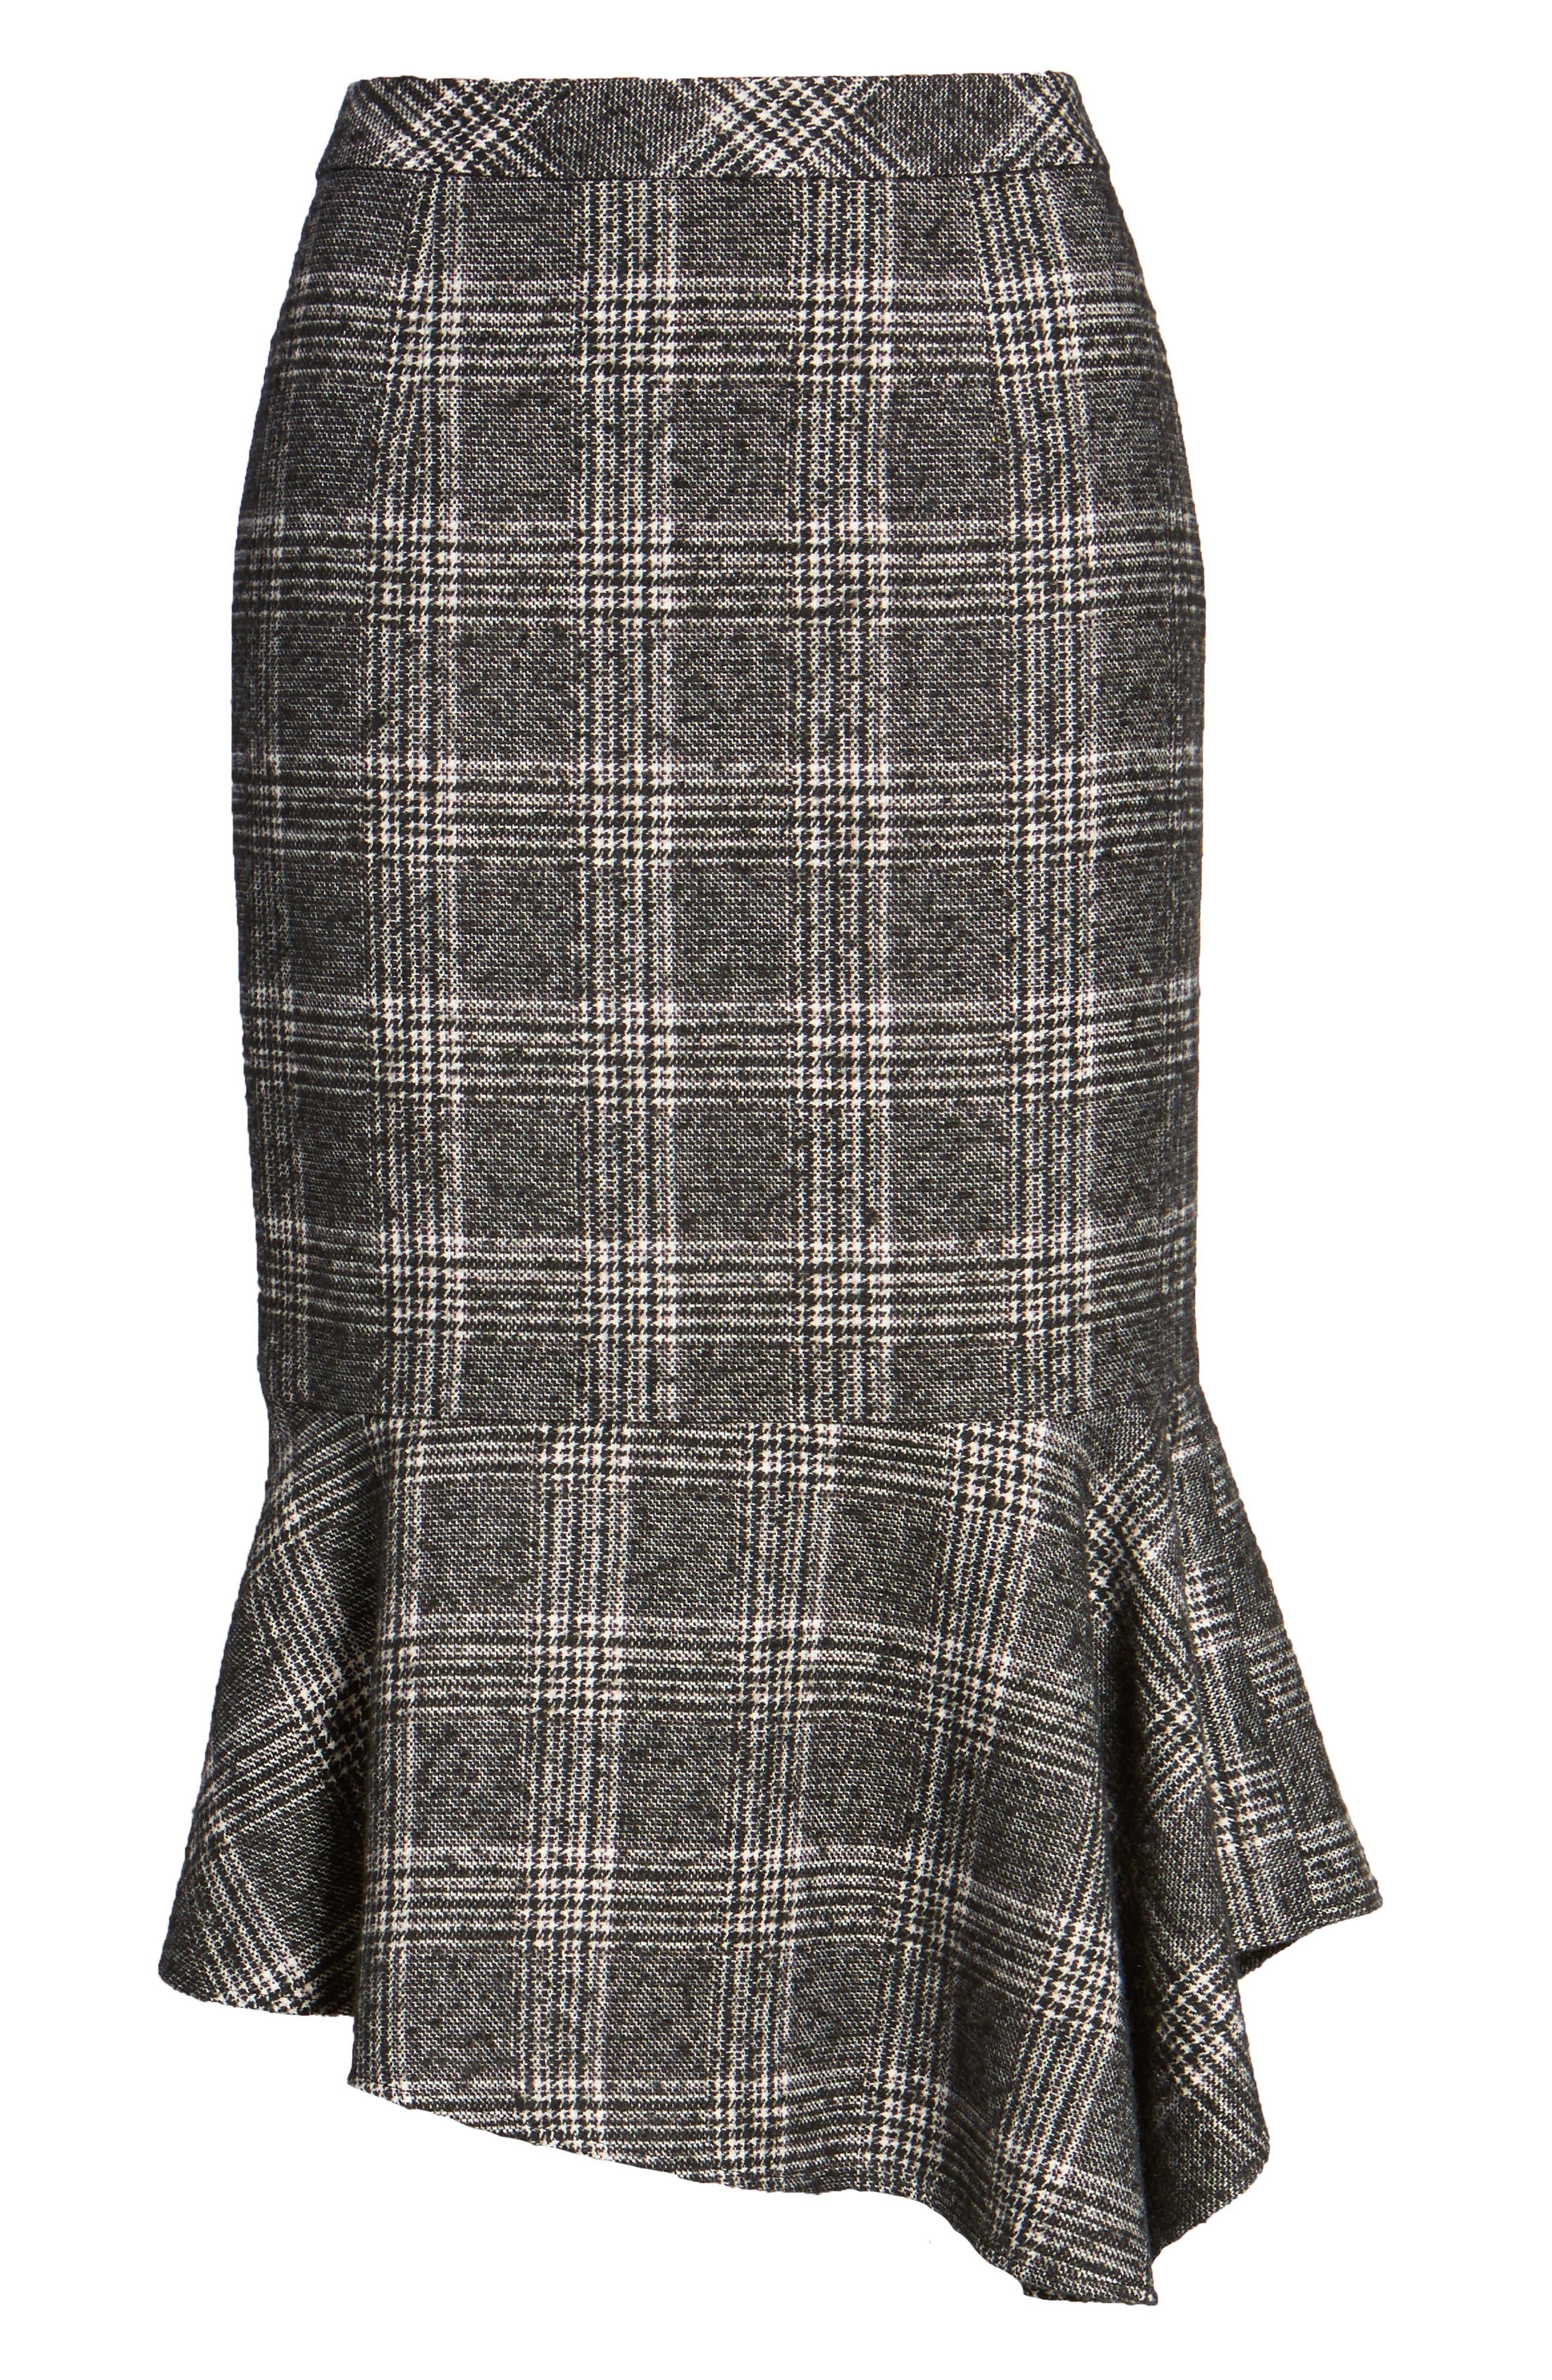 Asymmetrical Ruffle Hem Skirt,                             Alternate thumbnail 6, color,                             001